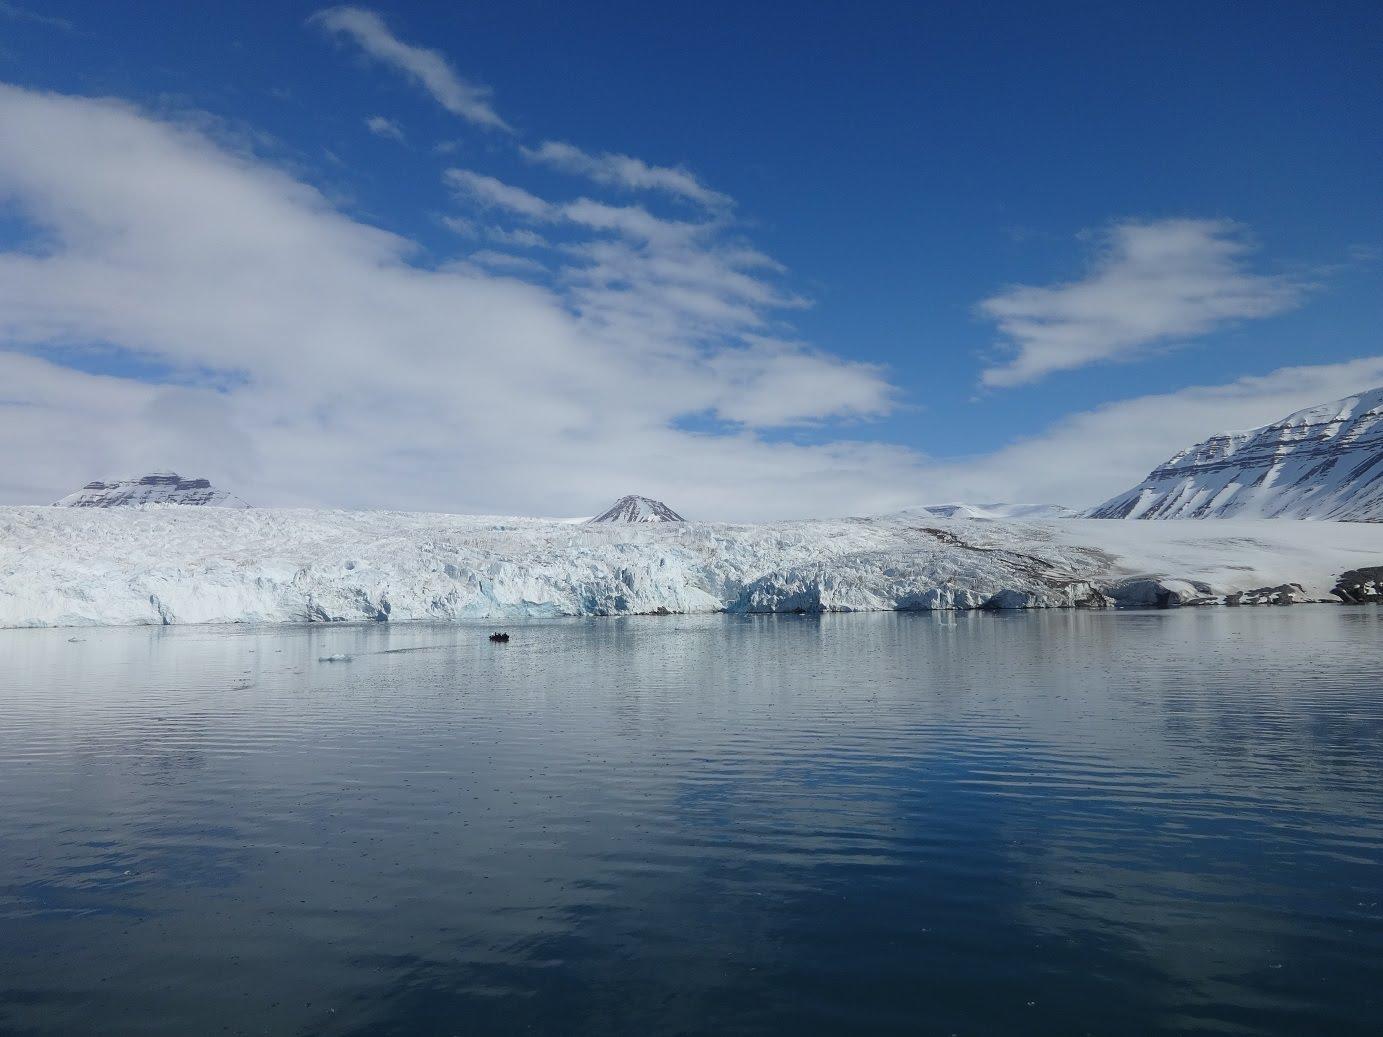 9. Spitzbergen